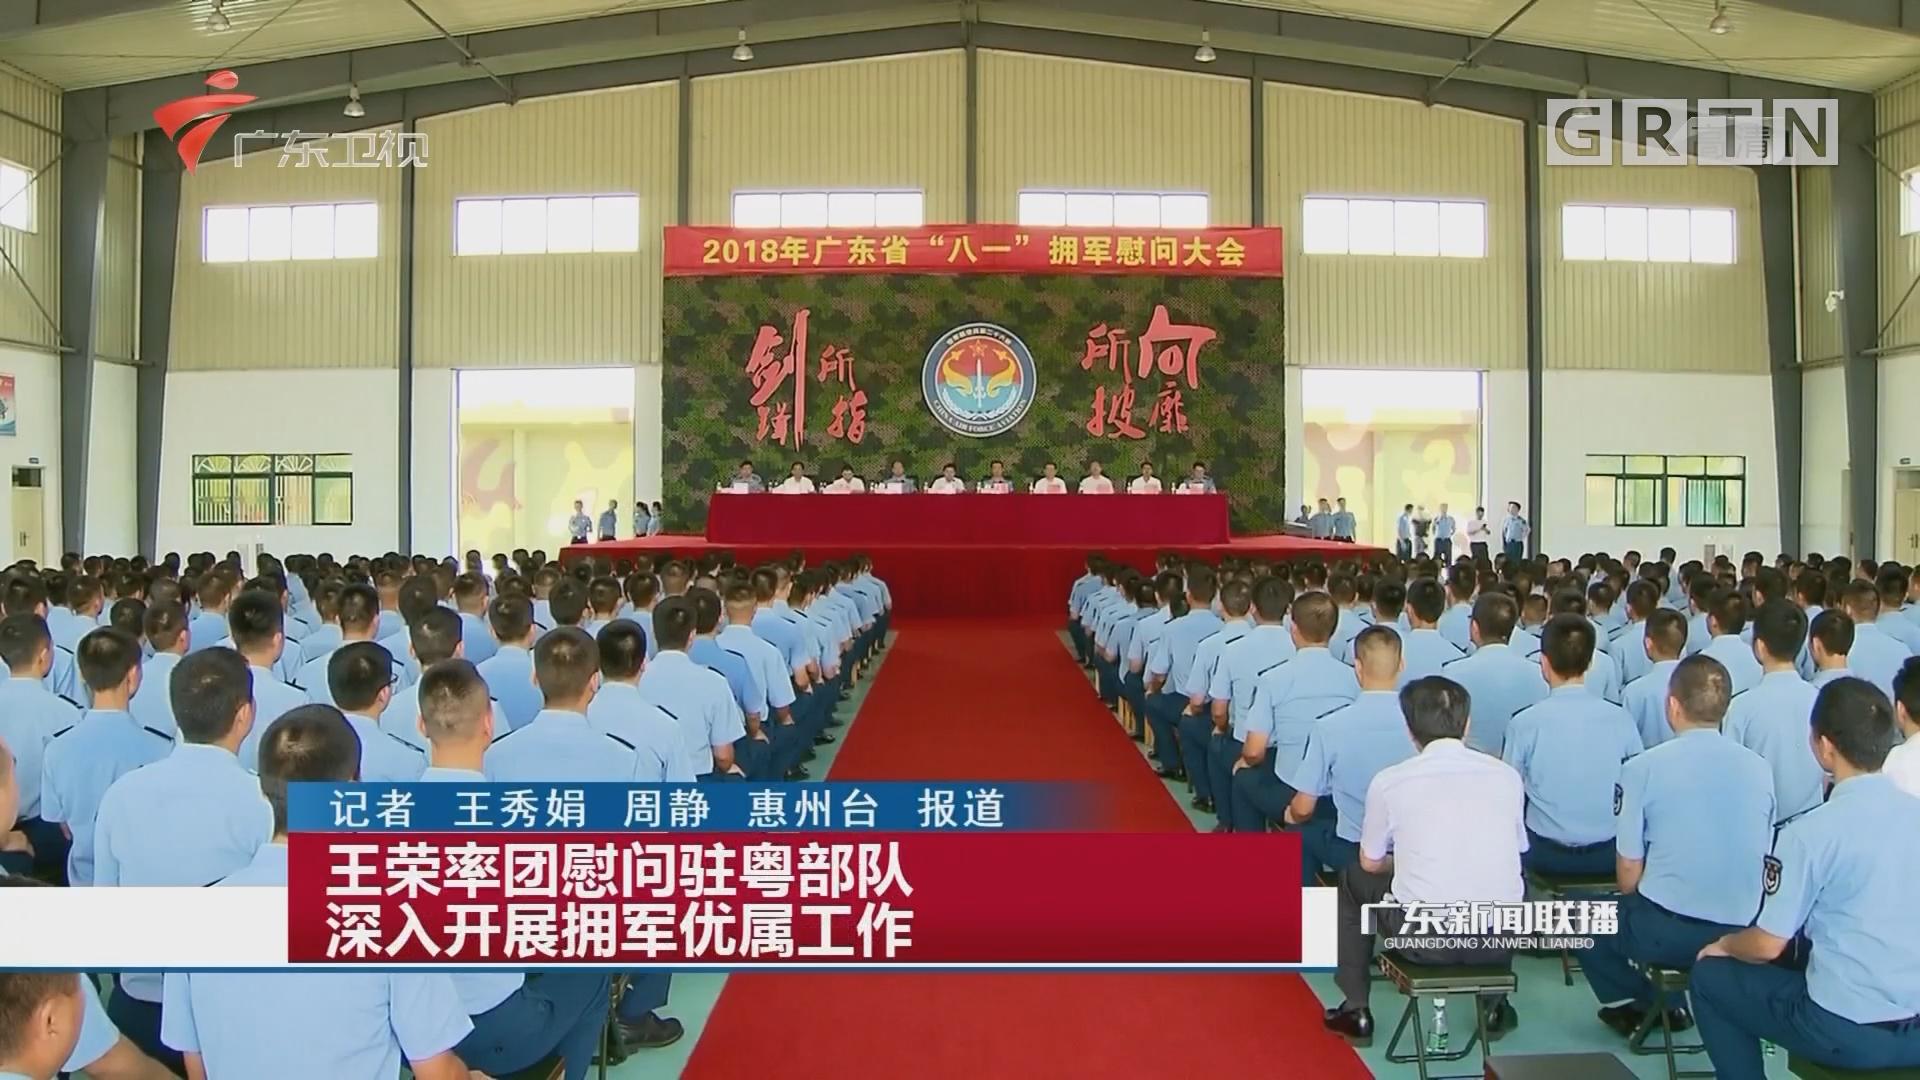 王荣率团慰问驻粤部队 深入开展拥军优属工作